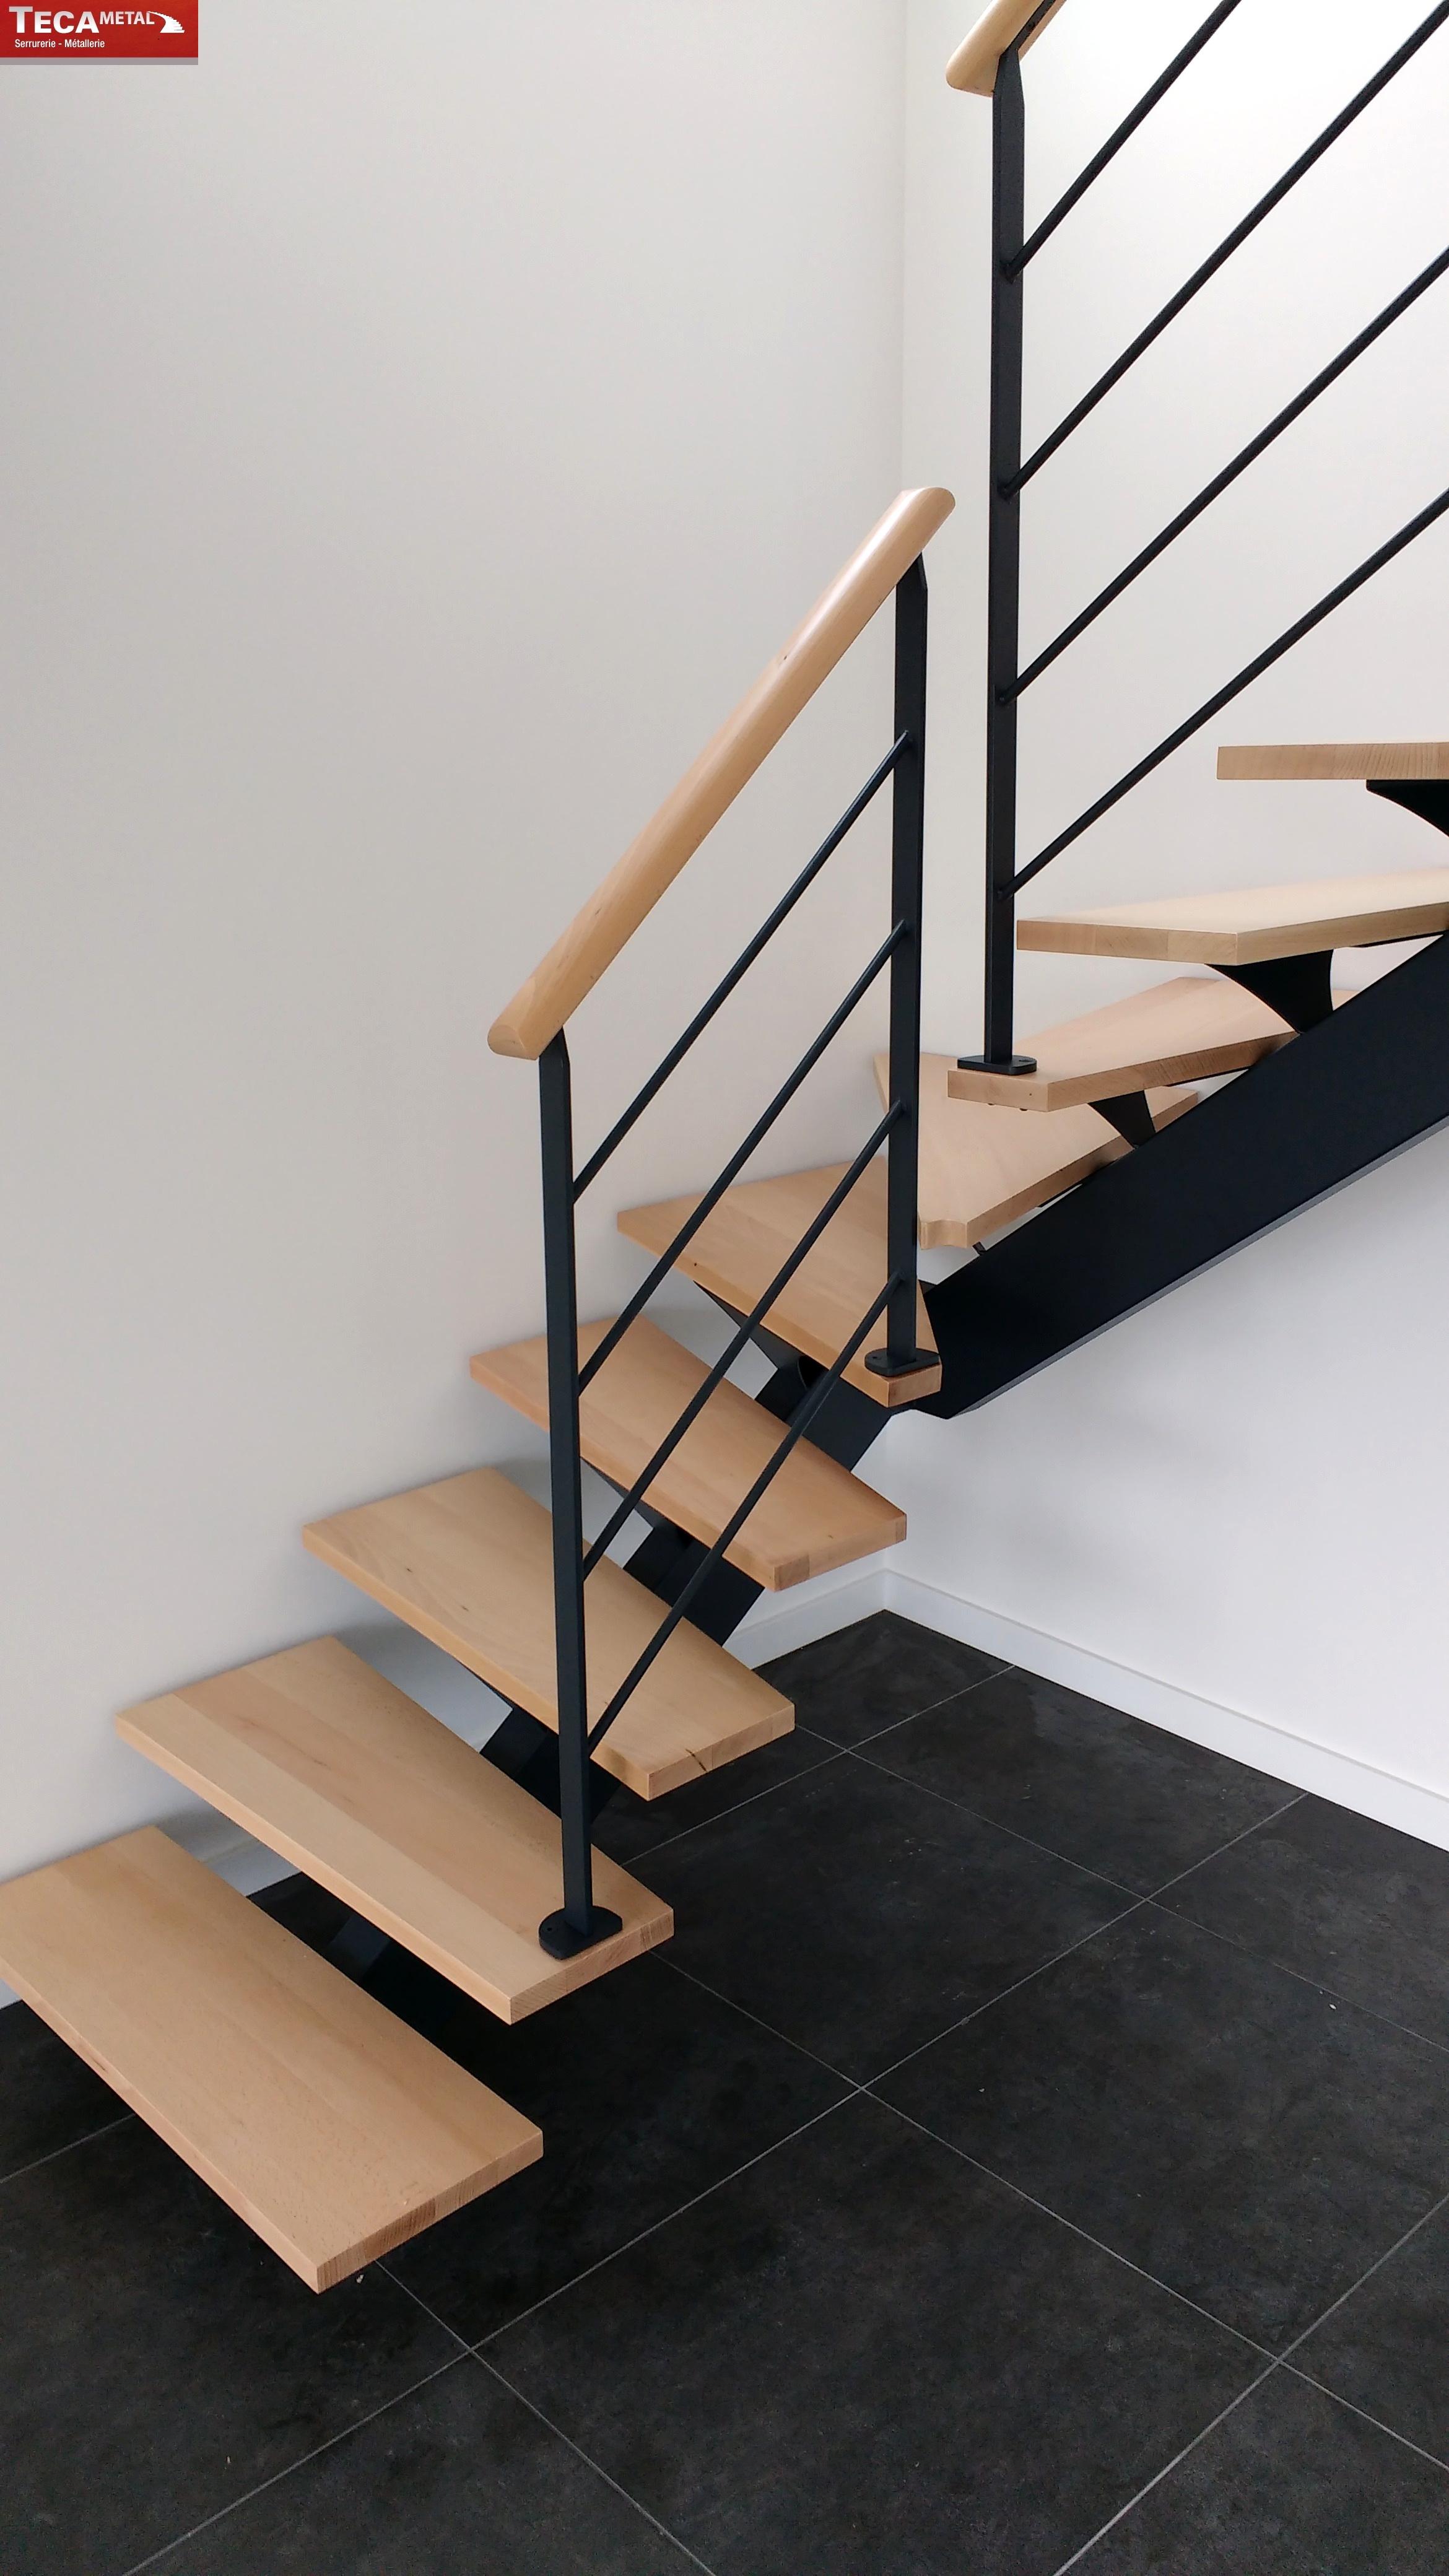 """Escalier Bois Metal Noir escalier limon central modèle """"le fameux"""" - tecametal"""